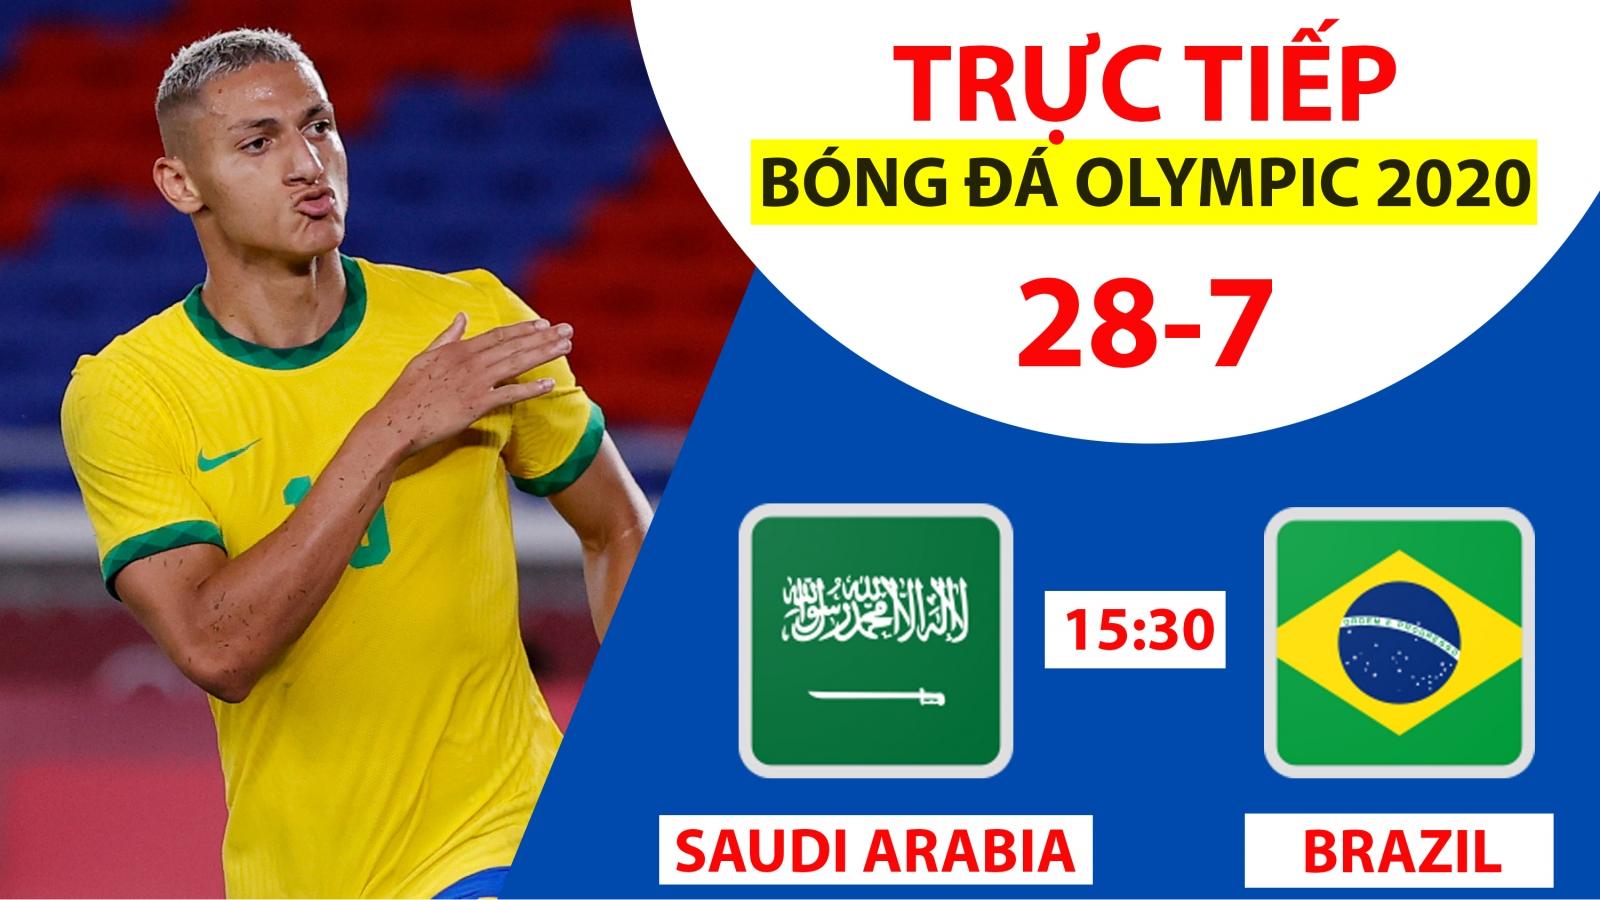 TRỰC TIẾP bóng đá Saudi Arabia - Brazil: Ai sẽ vào tứ kết Olympic Tokyo 2020?